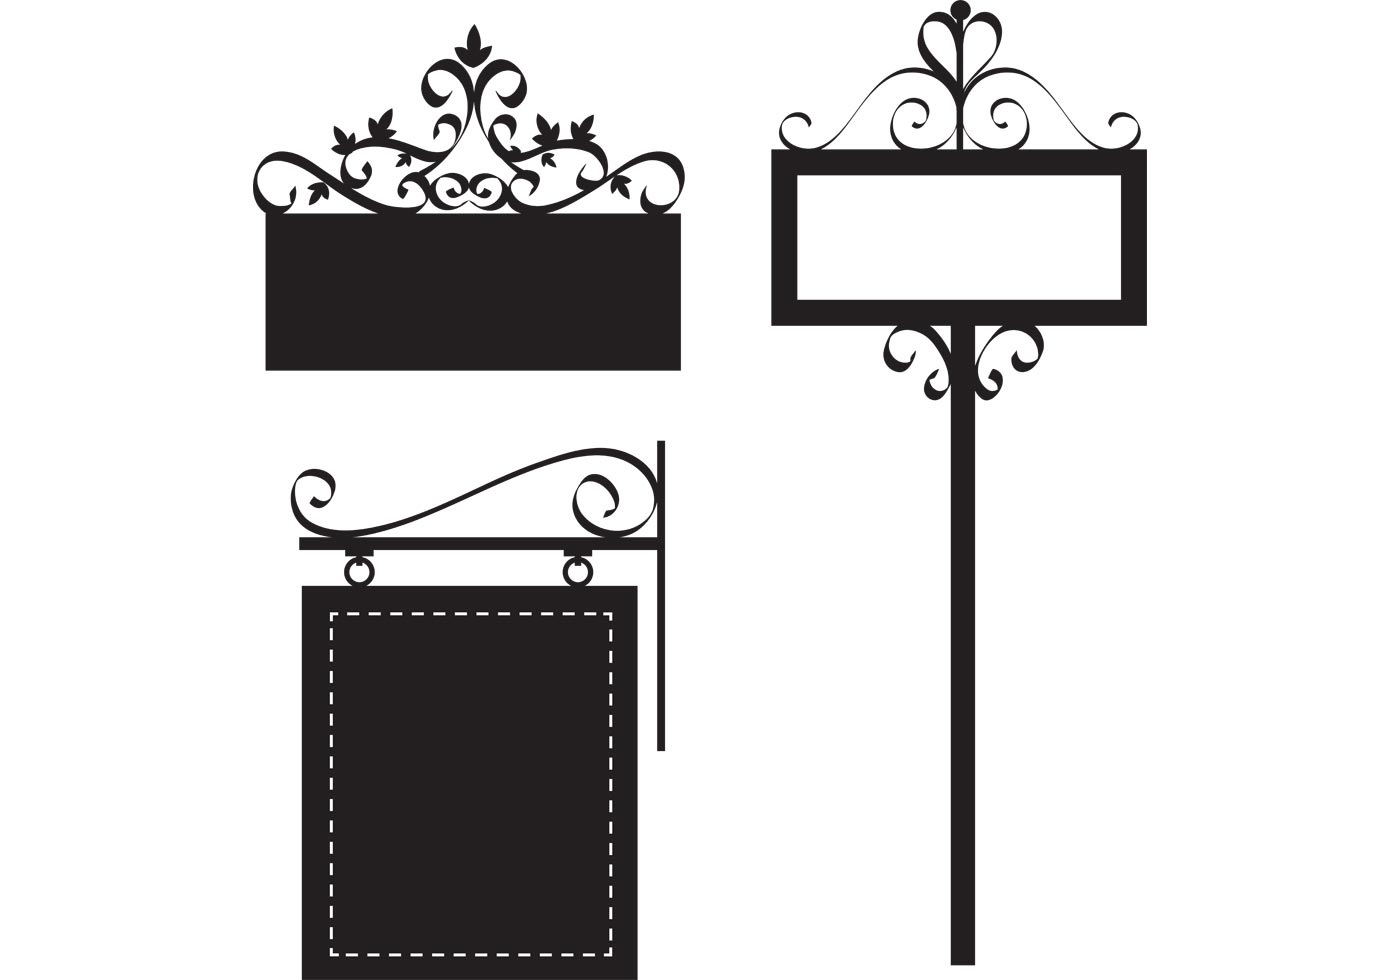 Free Ornate Sign Vectors - Download Free Vectors, Clipart ...